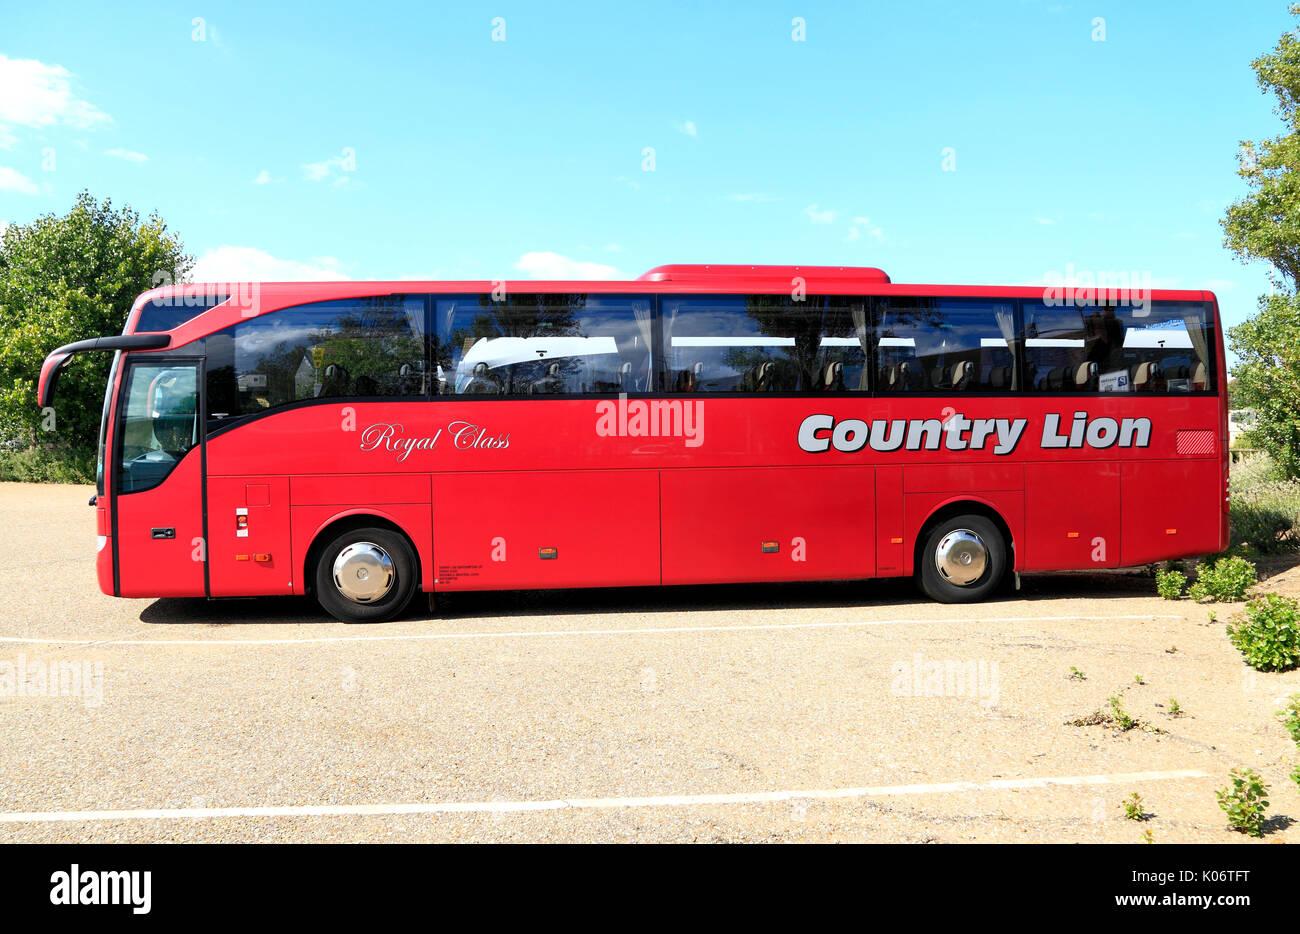 Paese di Lion, Royal Class, autobus e pullman di viaggio, viaggio in giornata, gite, escursioni, escursioni, agenzia di viaggi, compagnie di trasporto, vacanze, England, Regno Unito Immagini Stock